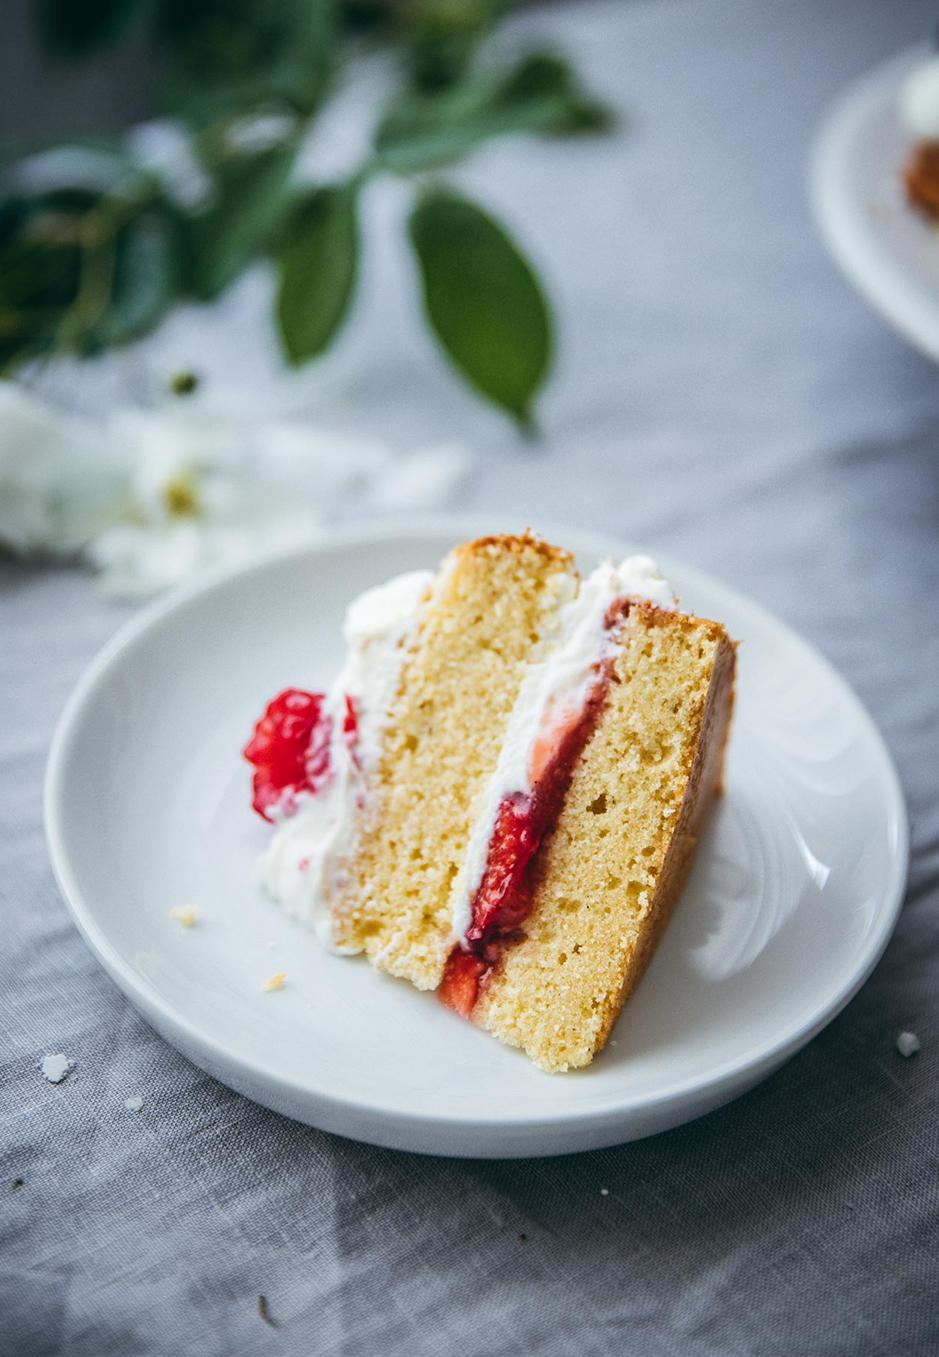 Luftig und locker ist der Wieder Biskuit für Victoria Sponge Cake.